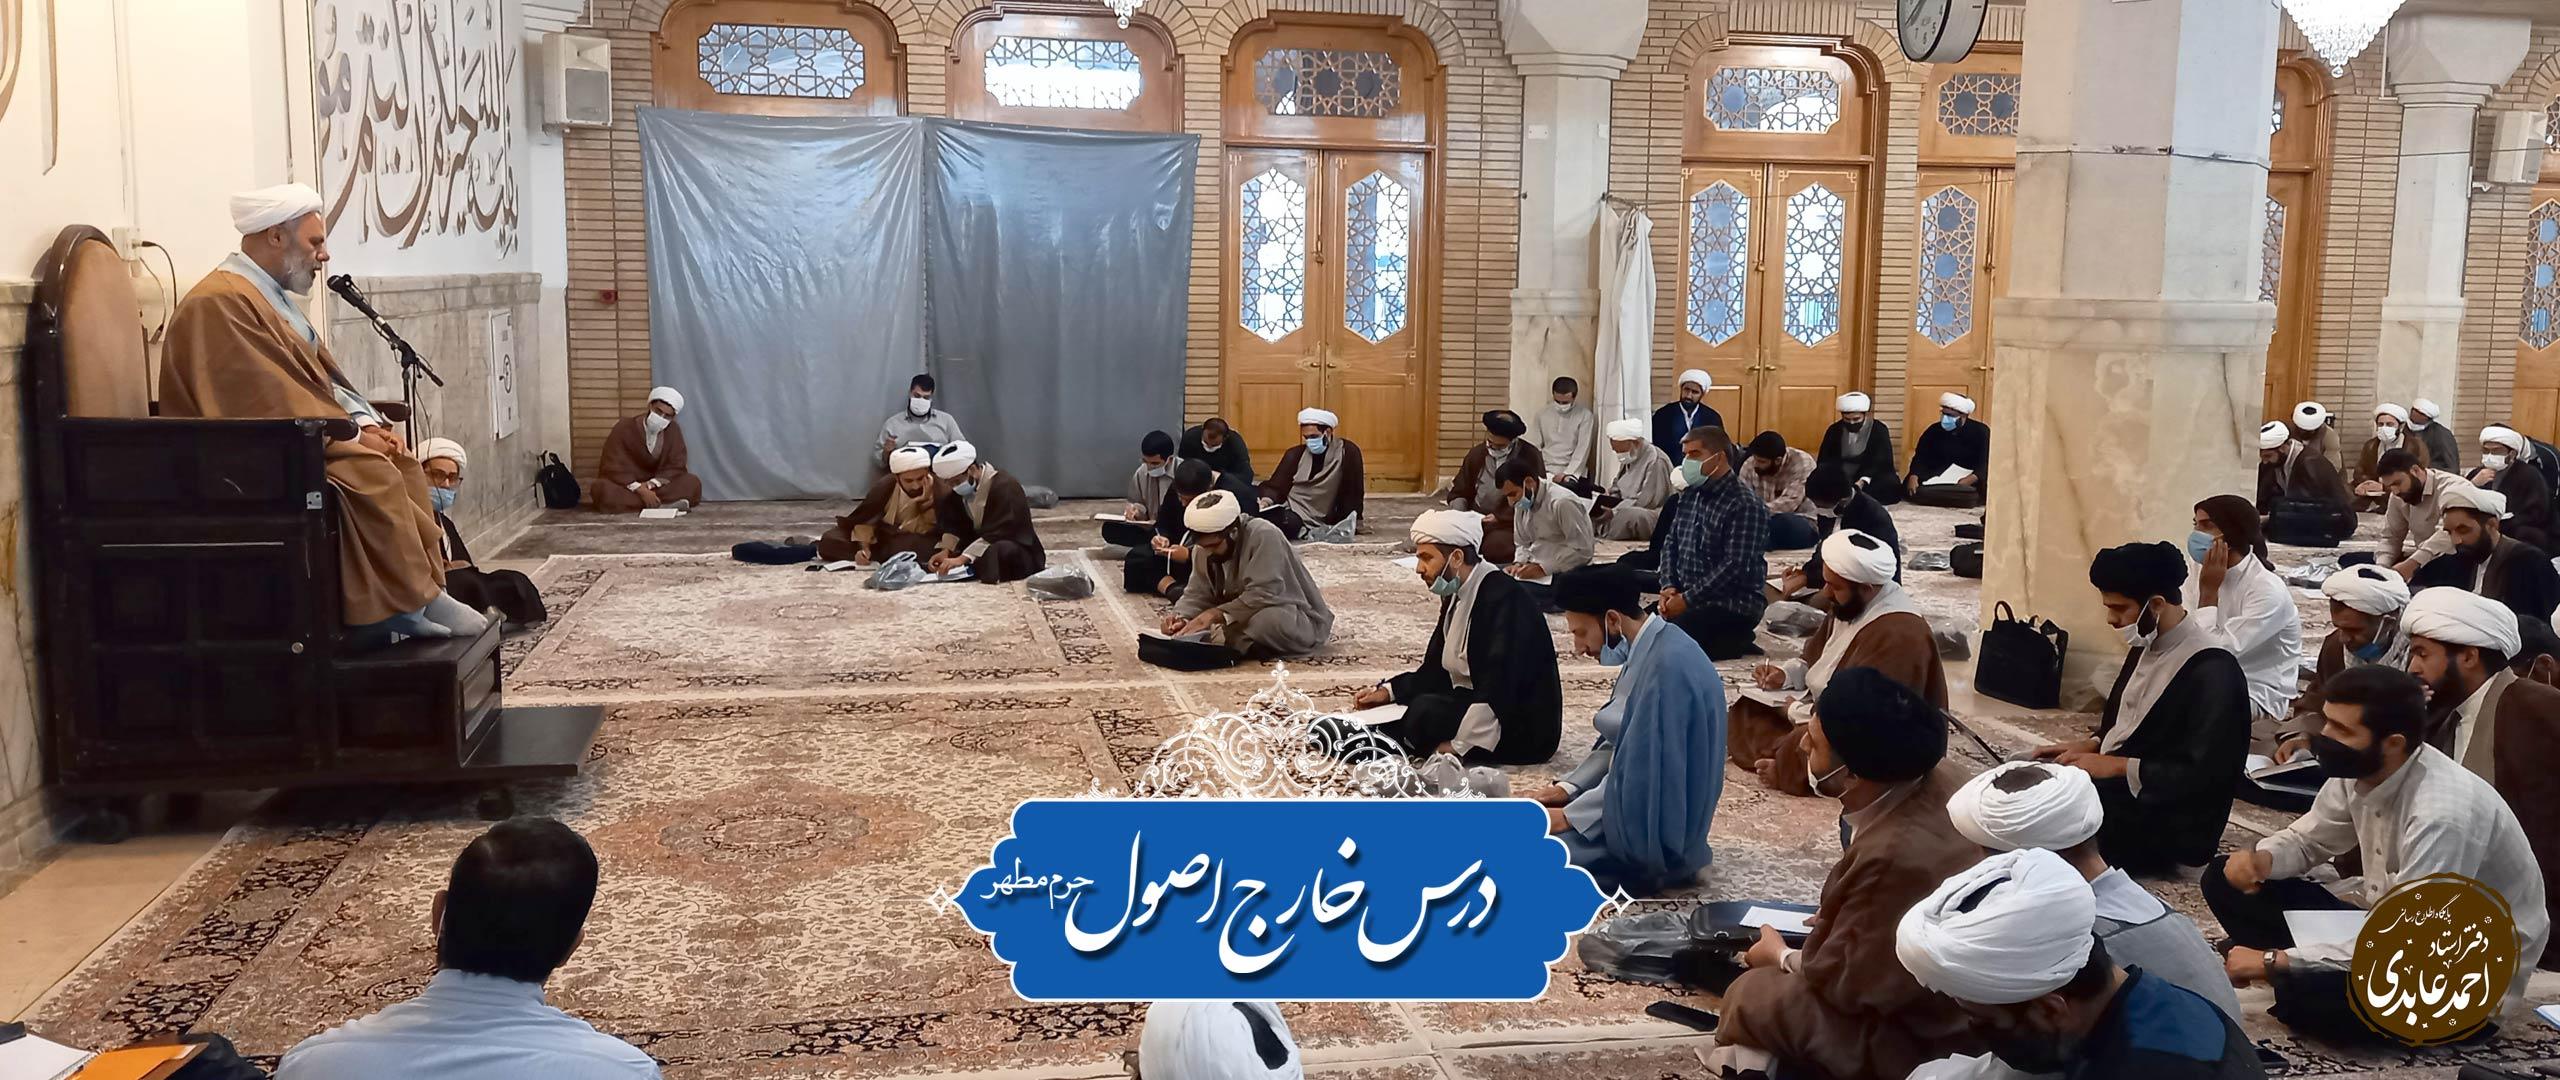 درس خارج اصول استاد احمد عابدی - 1400 - شبستان امام خمینی، حرم مطهر حضرت معصومه